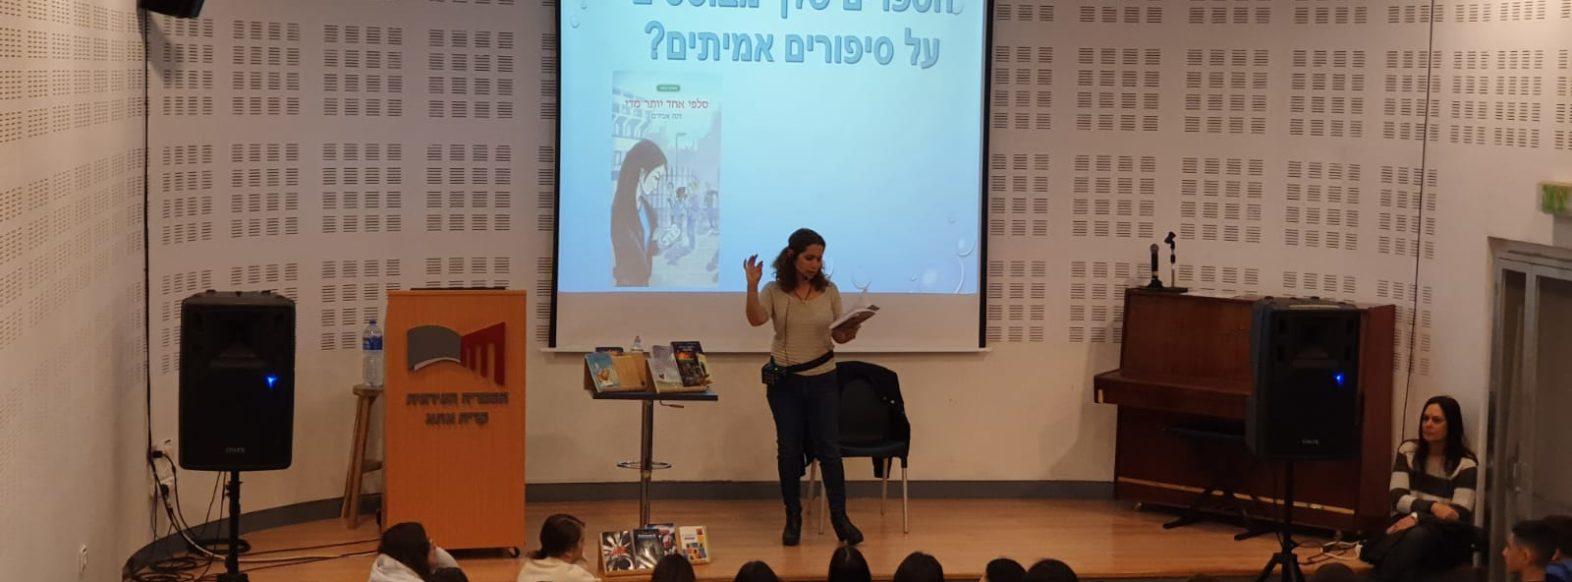 שיתוף פעולה ייחודי בין הספרייה העירונית בקרית אתא לתלמידי בתי הספר